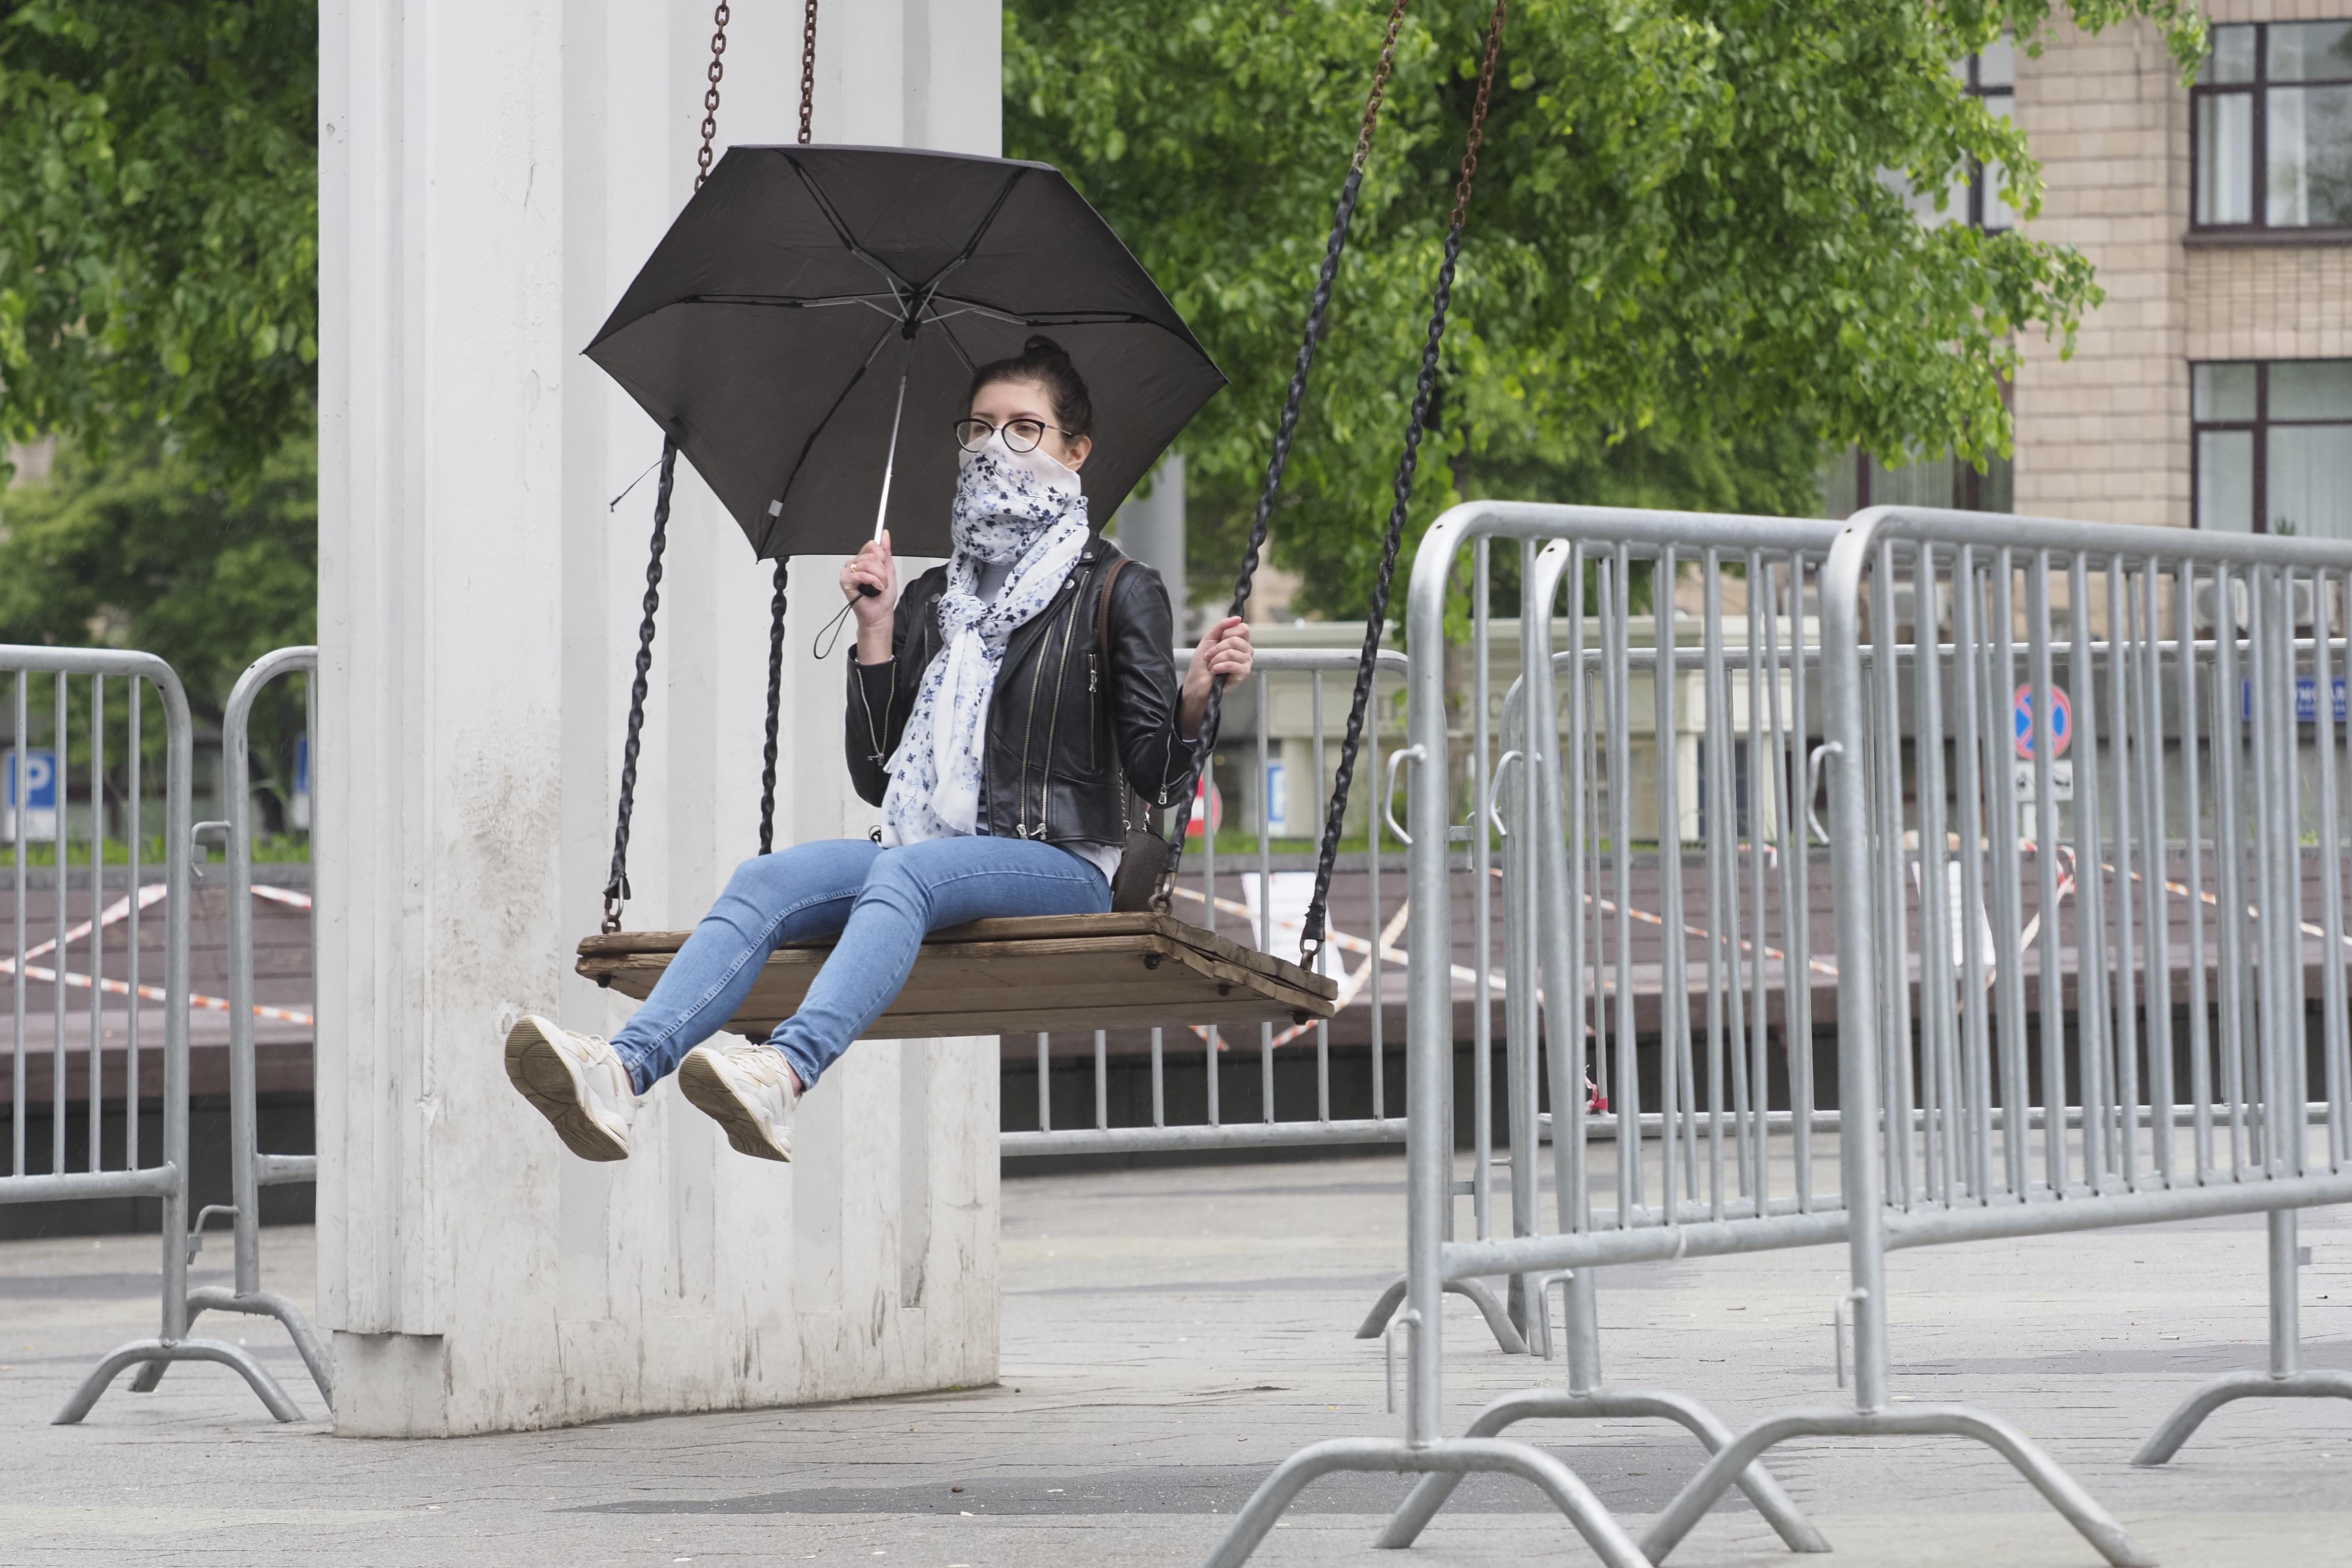 Облачную погоду с кратковременными дождями ожидают в Москве